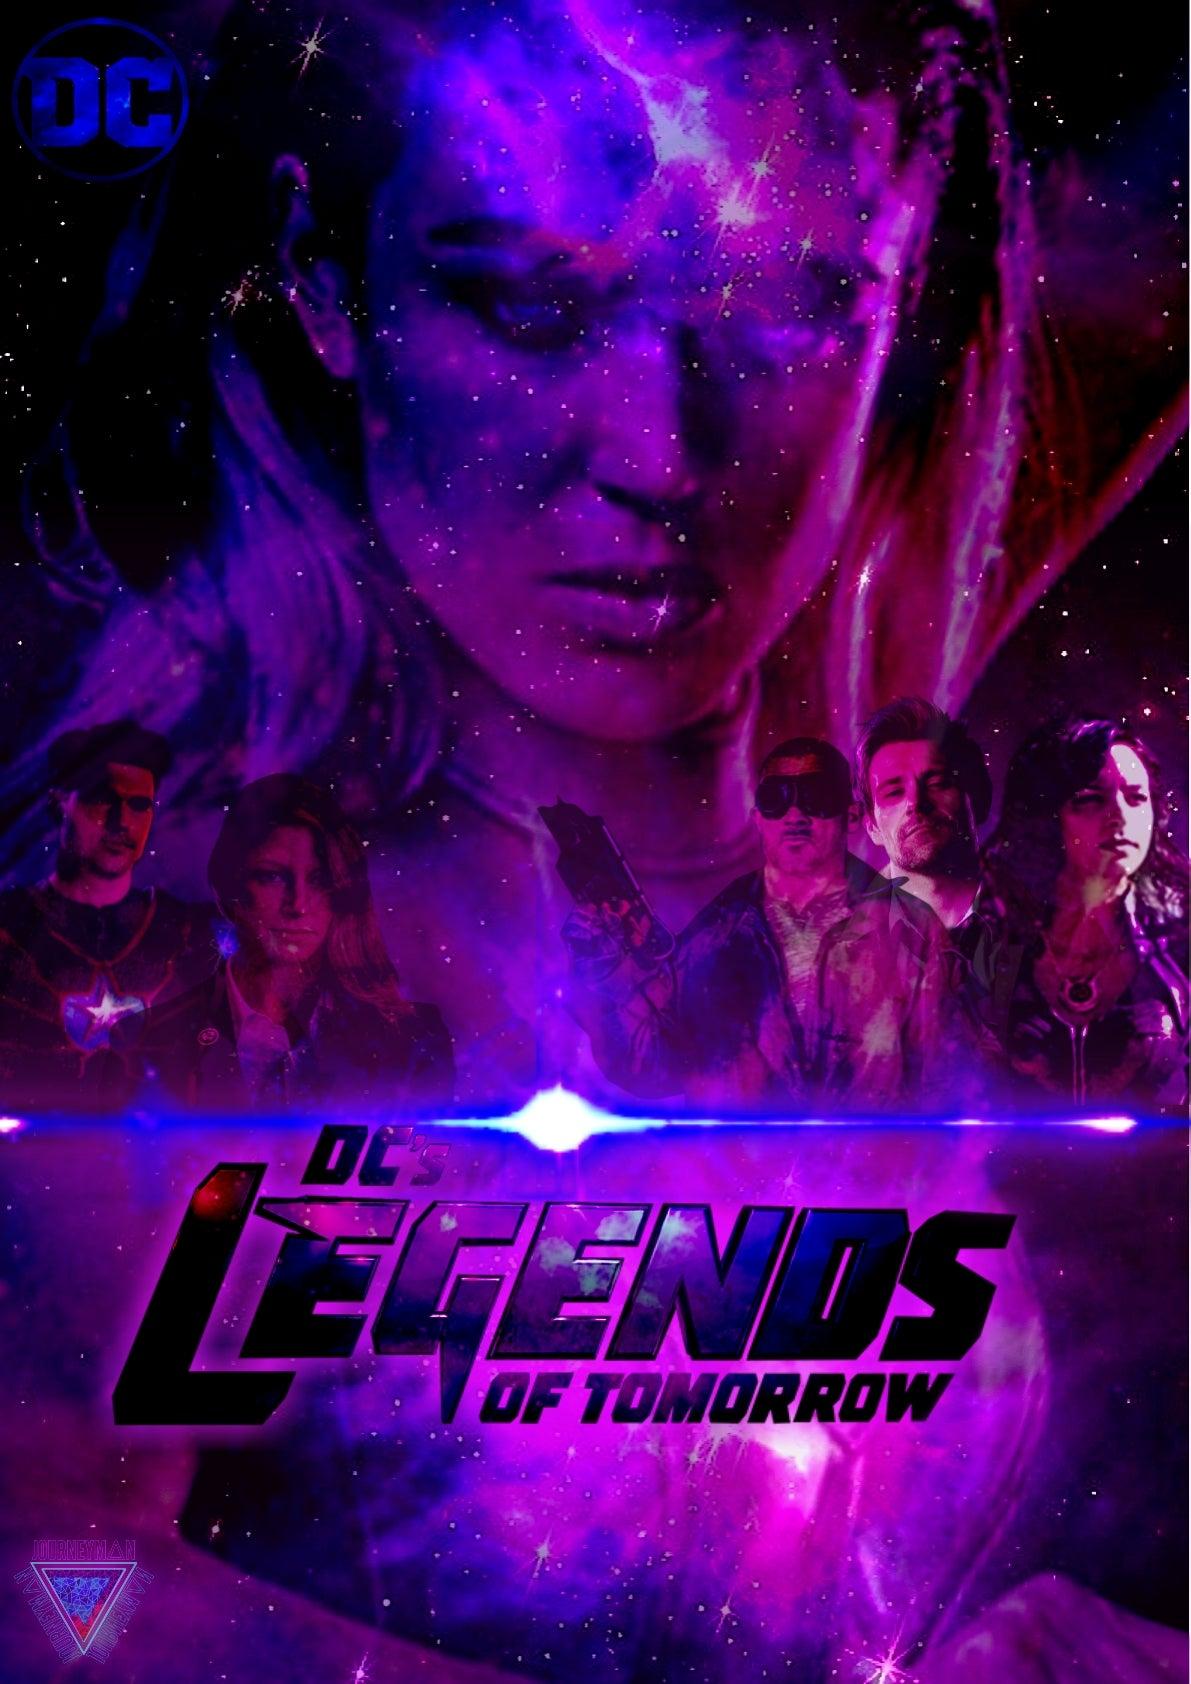 Huyền Thoại Của Ngày Mai (Phần 6) - Dc is Legends Of Tomorrow (2021)